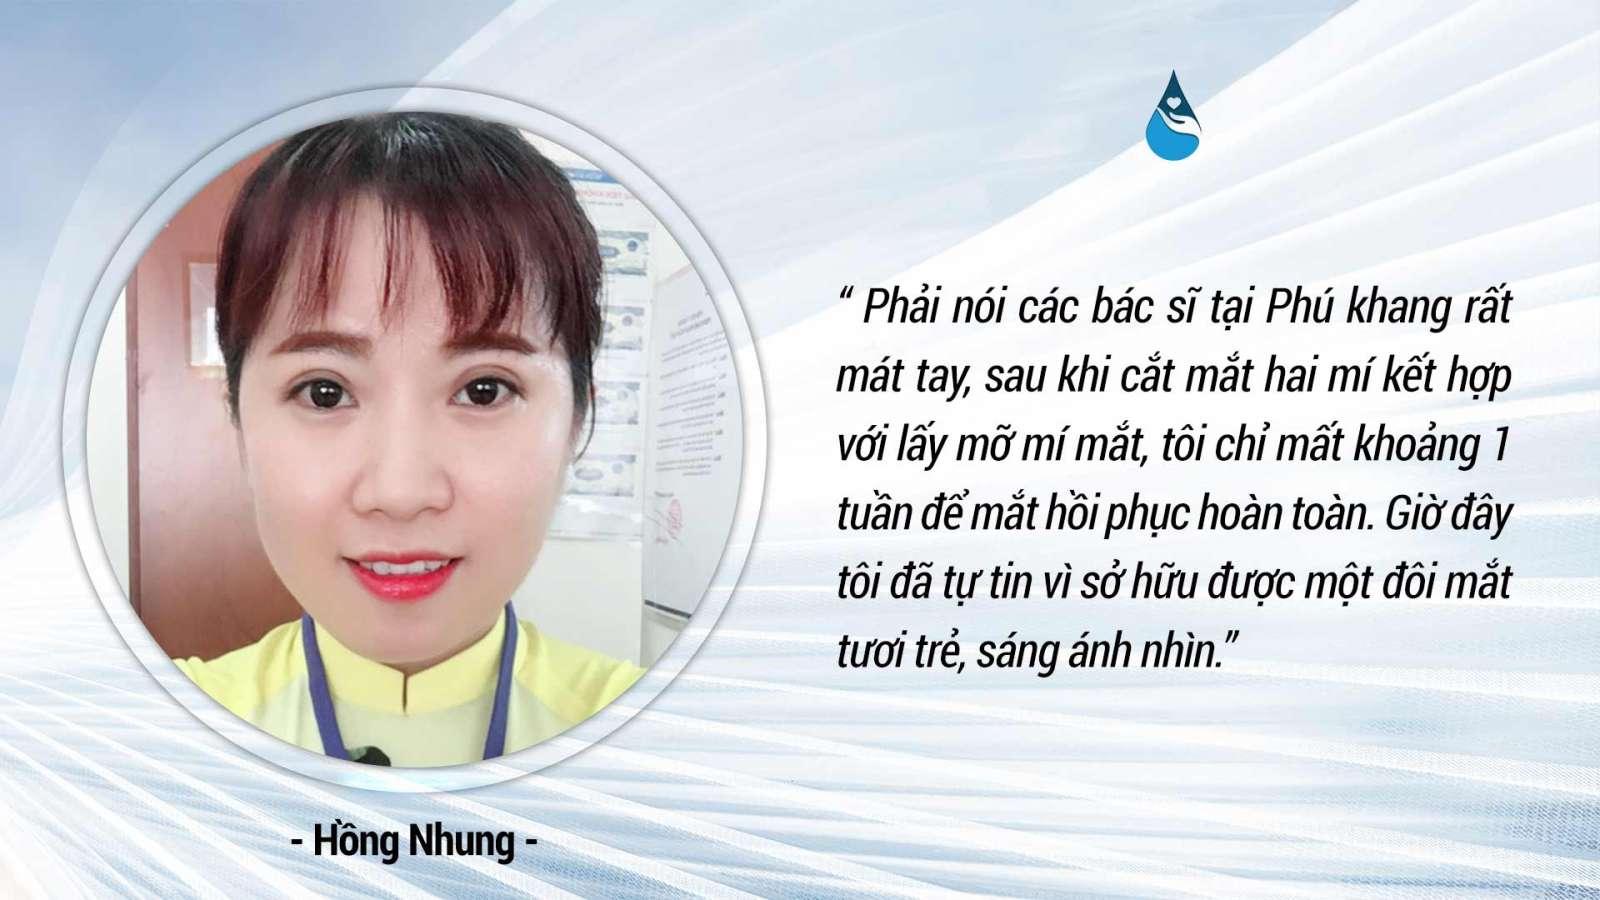 Phản hồi của khách hàng sau khi lấy mỡ bọng mắt tại TMV Phú Khang